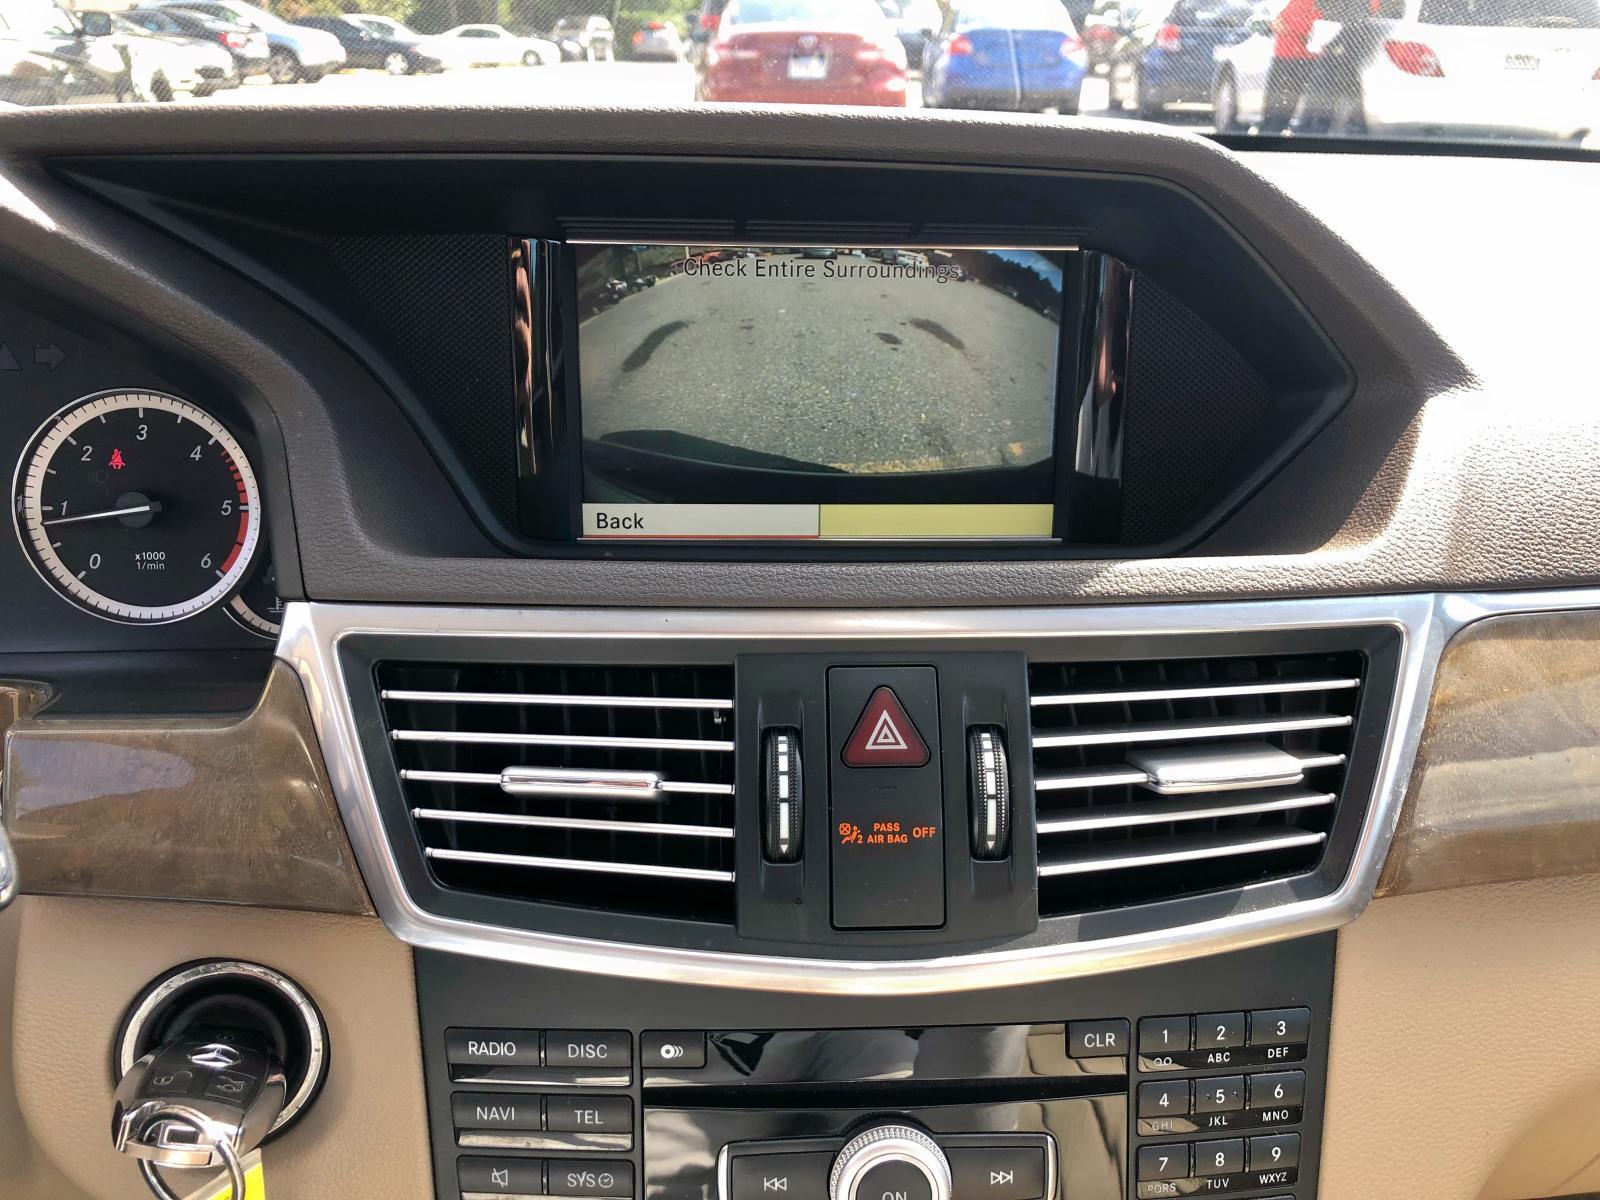 WDDHF2EBXBA320033 - 2011 Mercedes-Benz E 350 Blue 3.0L